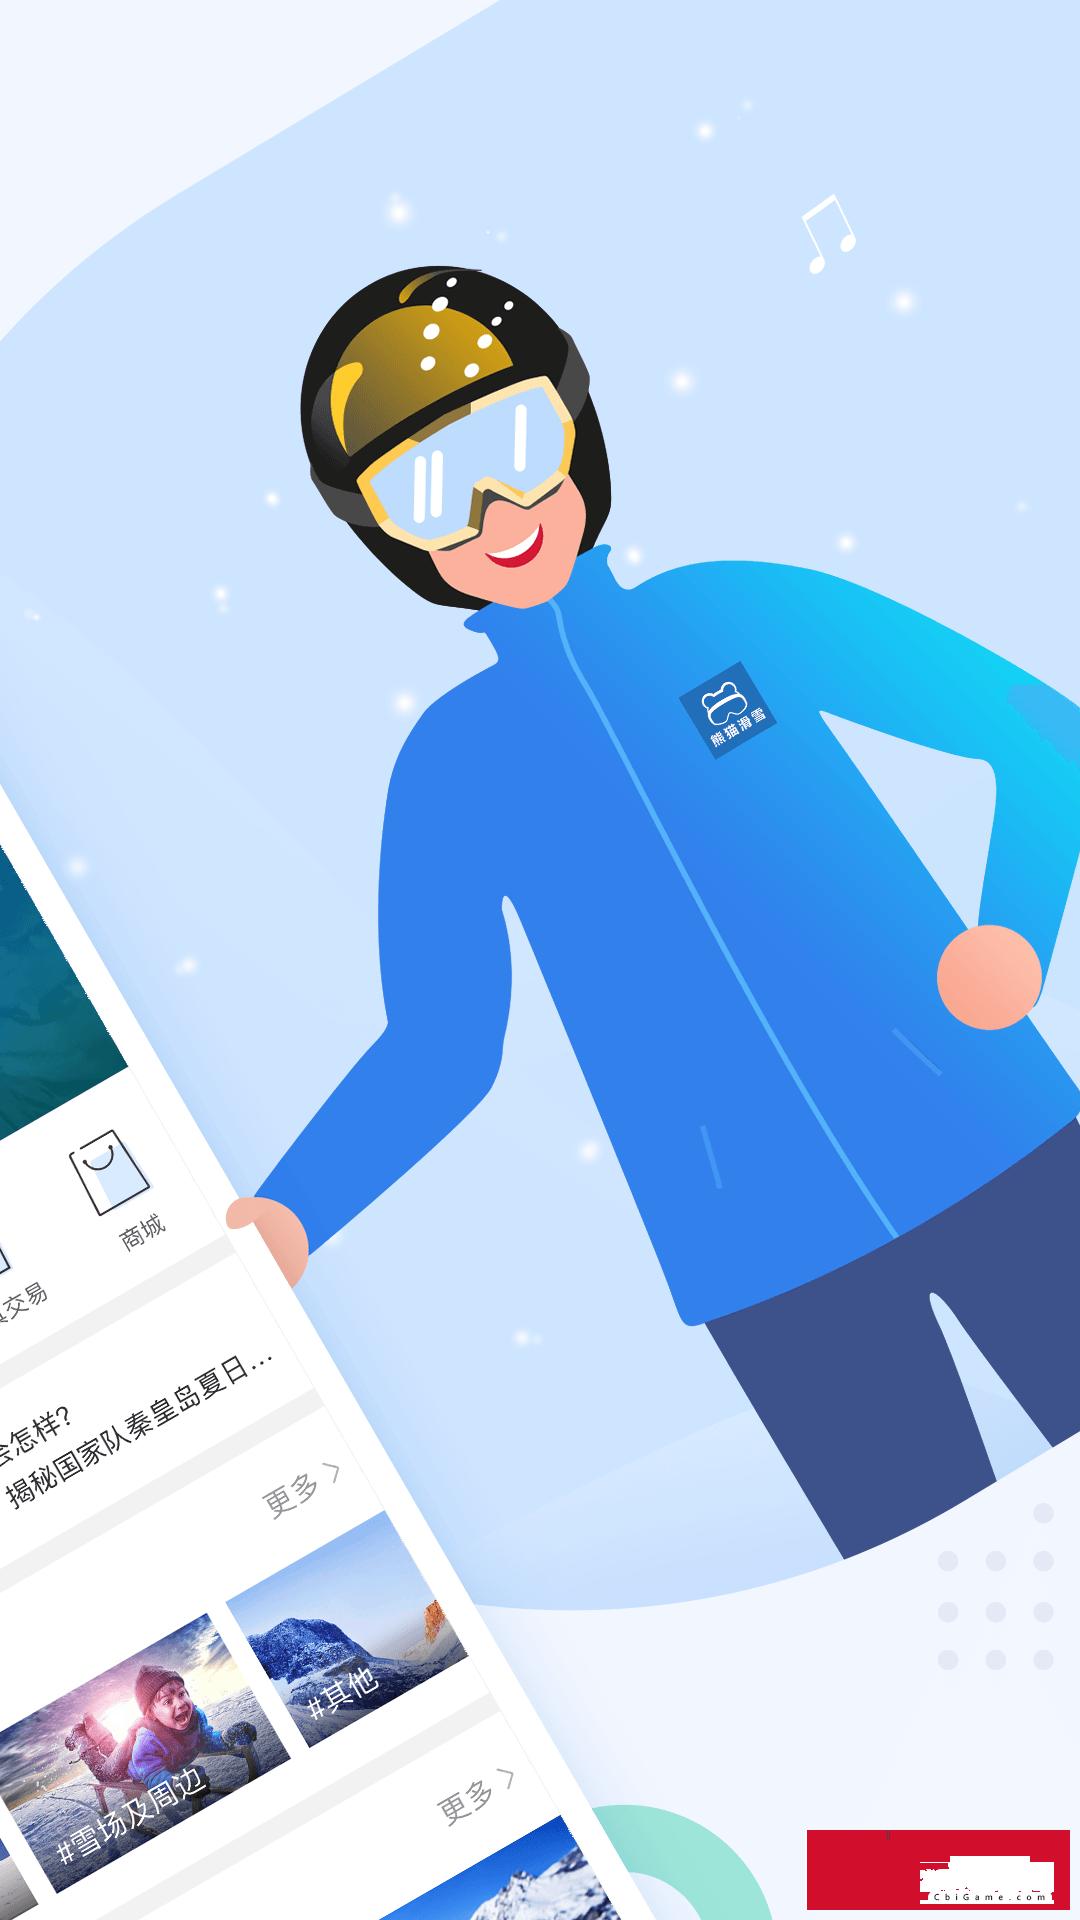 熊猫滑雪购物图1